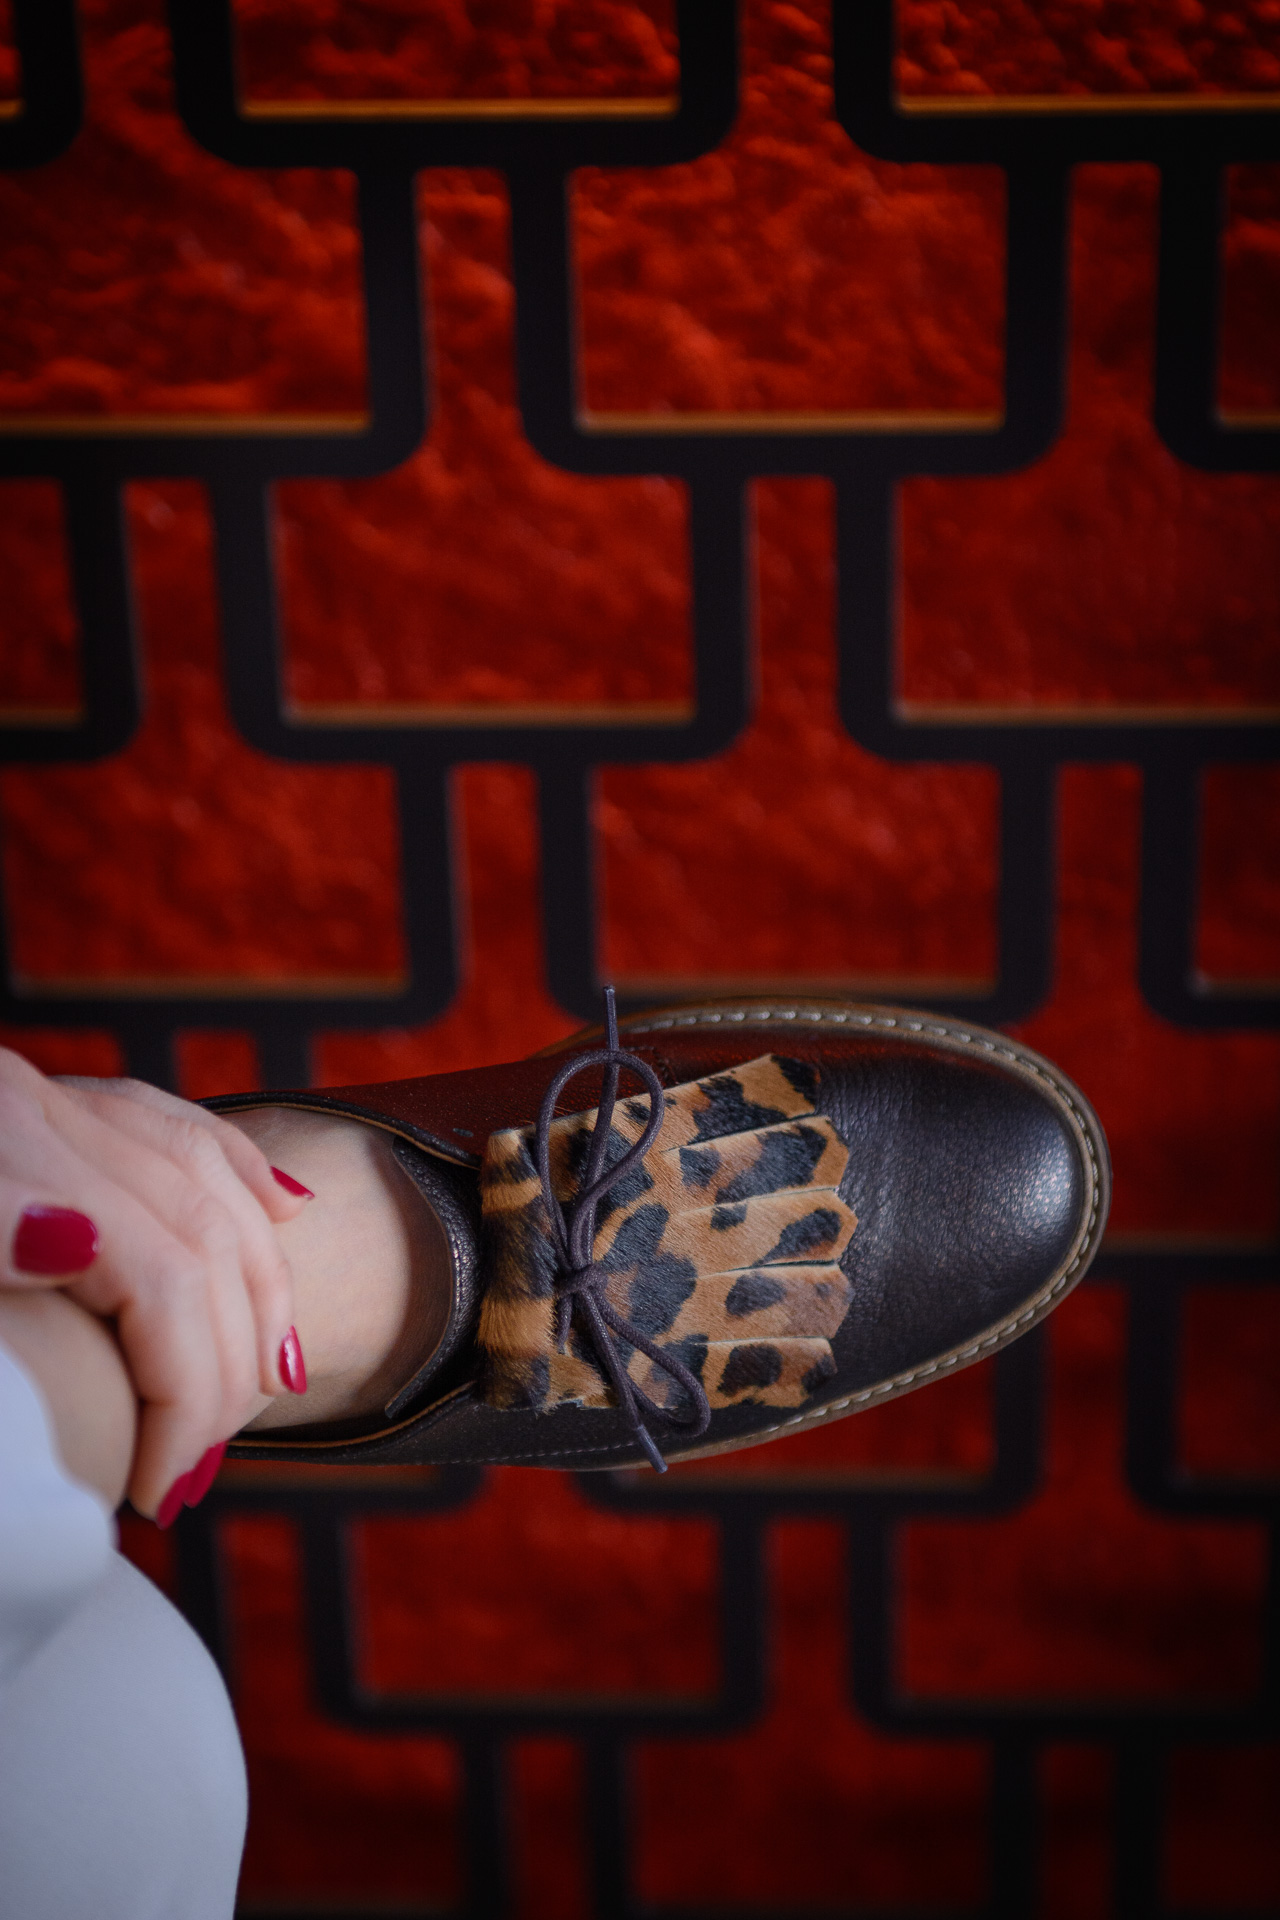 Clarks shoes lash